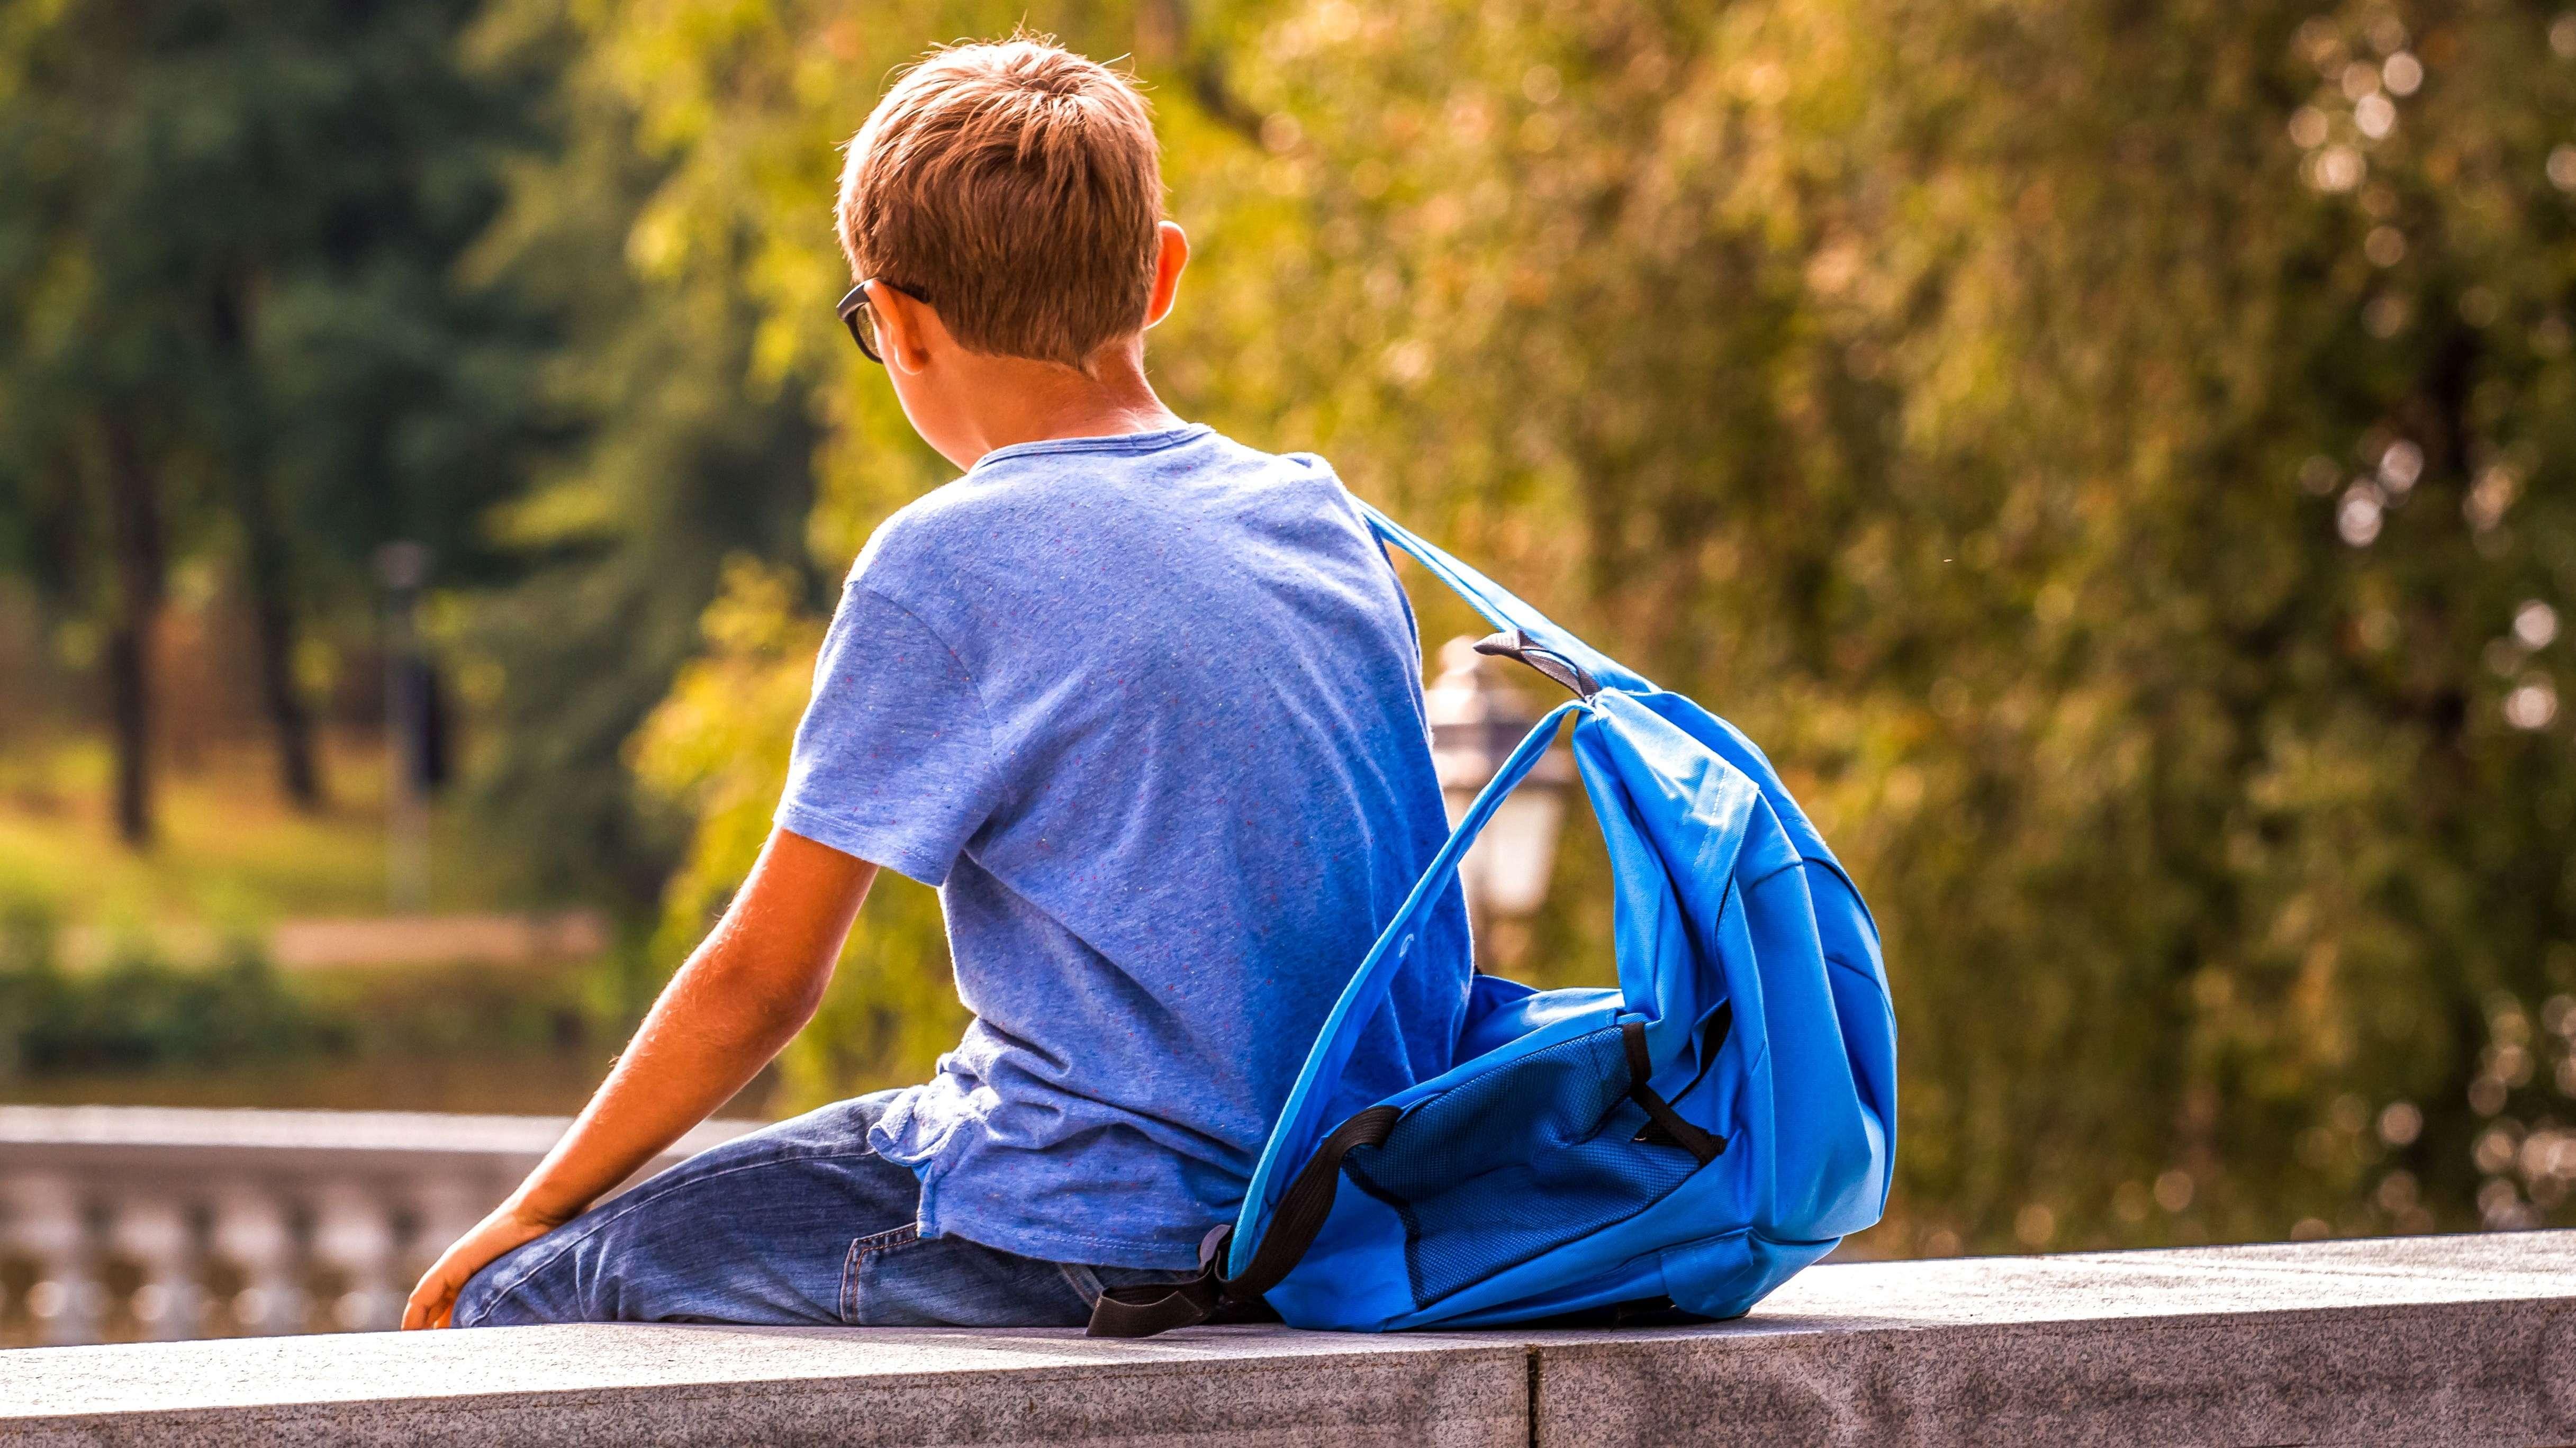 Ein Junge sitzt allein auf einer Mauer. Menschen mit einer Autismus-Spektrum-Störung ziehen sich oft zurück.